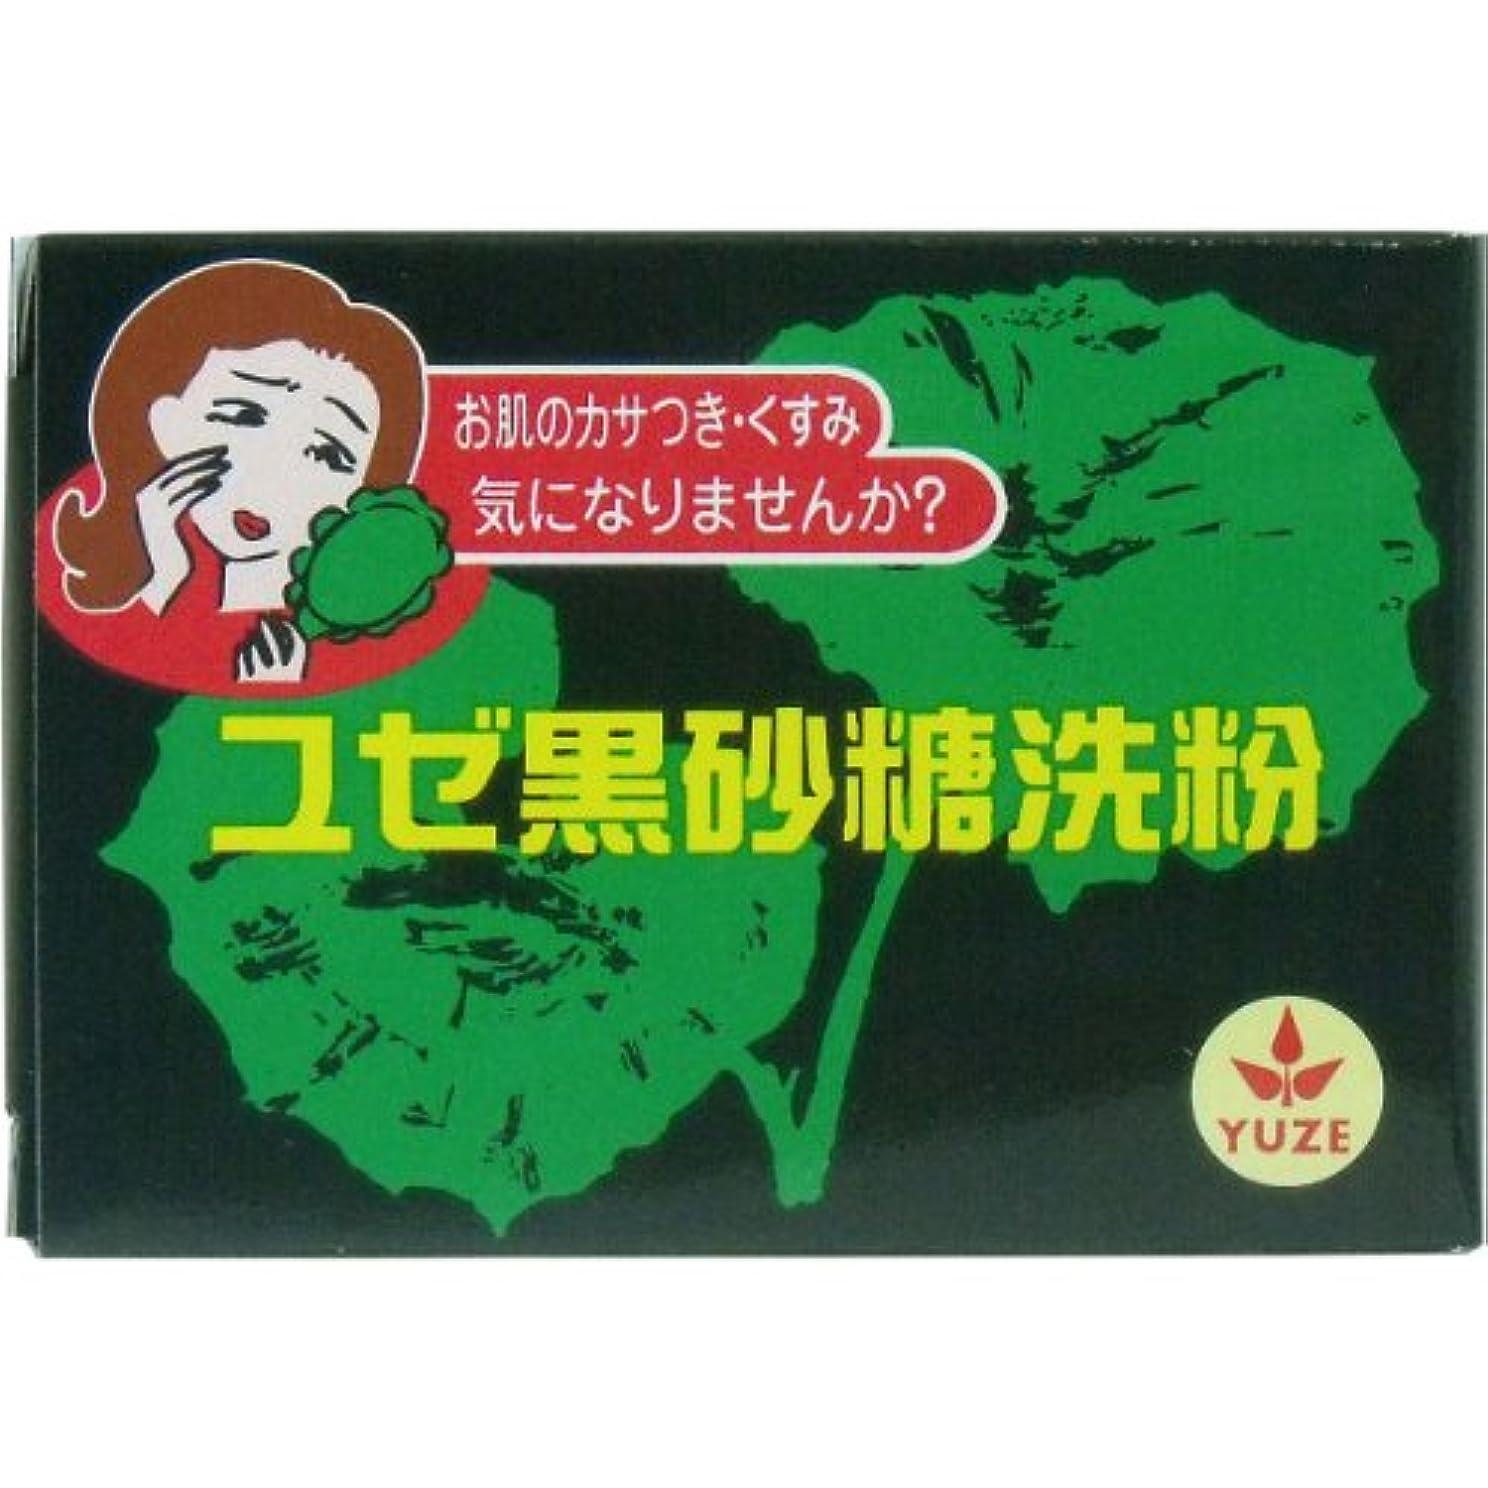 バイオレット悪名高い食品ユゼ黒砂糖洗粉75g×6個セット